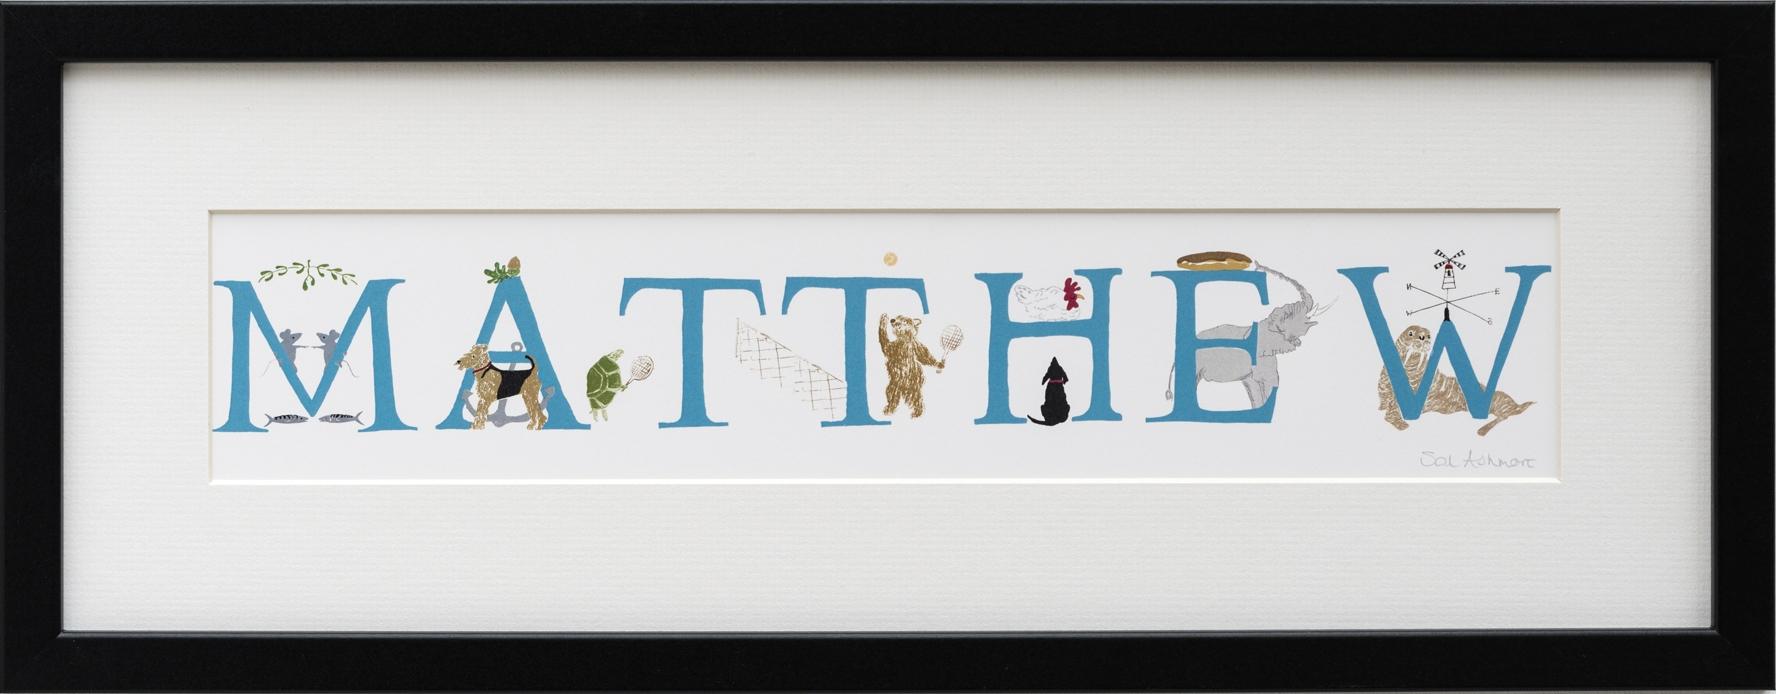 name-prints-matthew